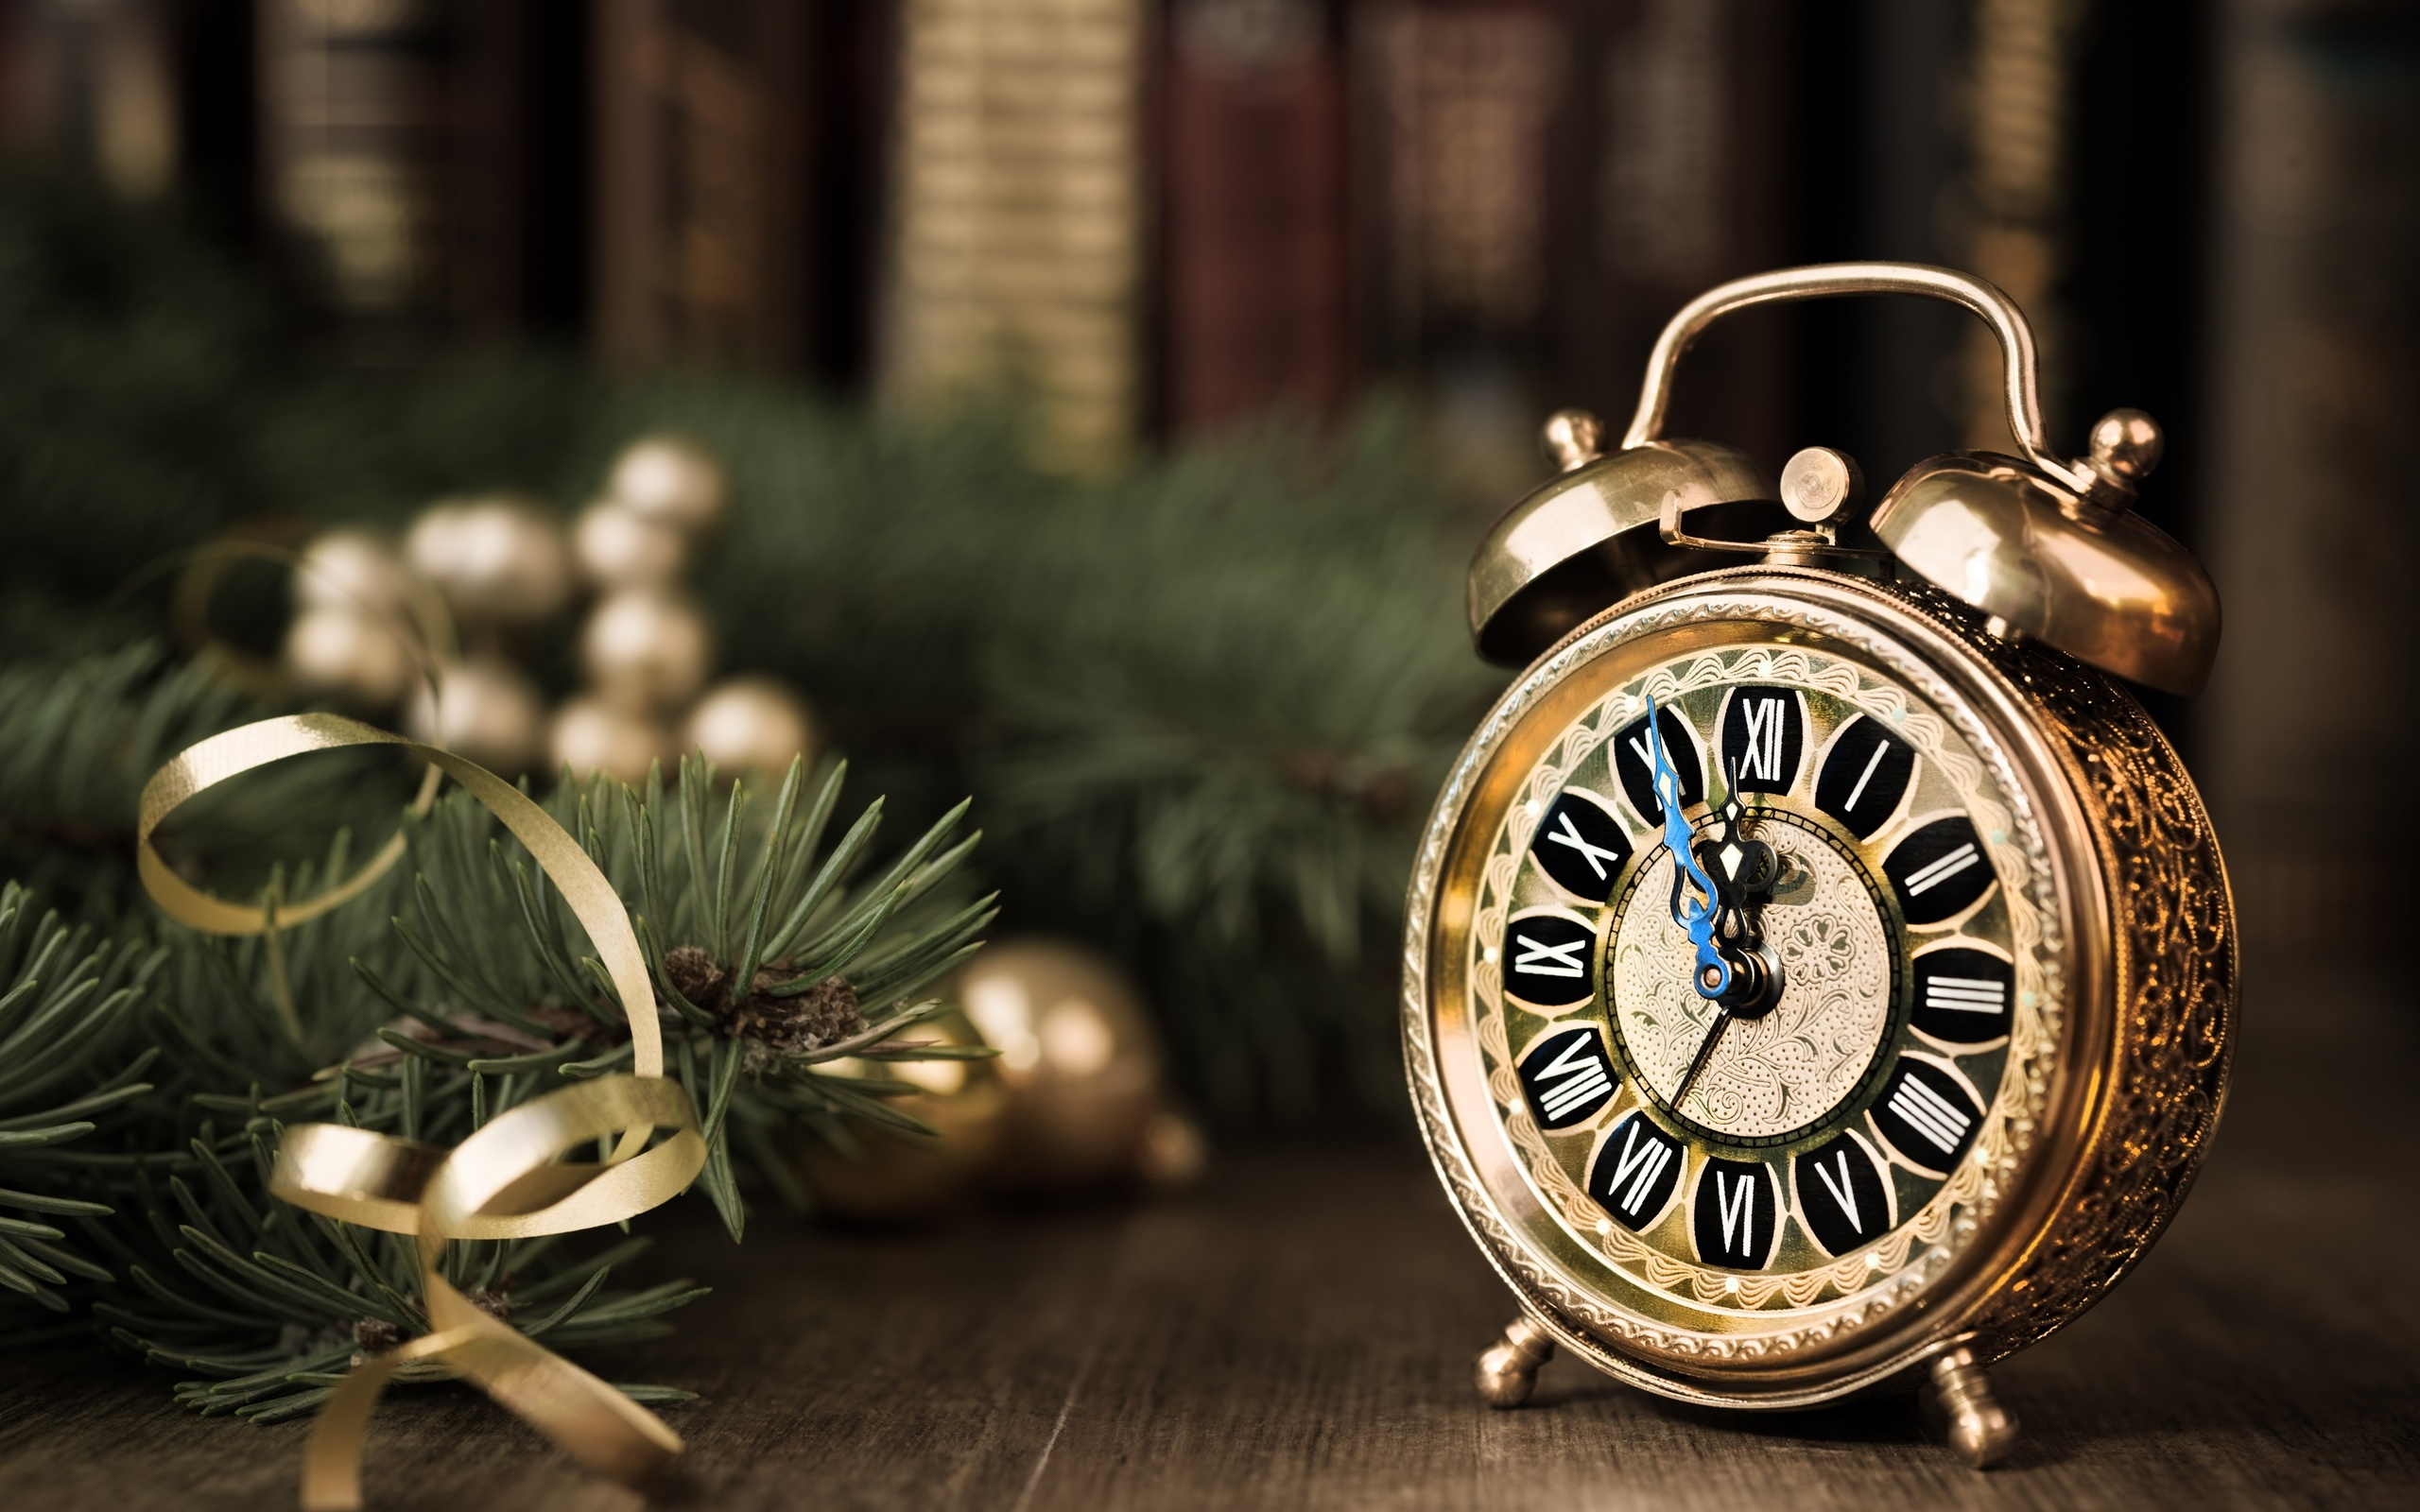 Поздравления, картинки новый год с часами